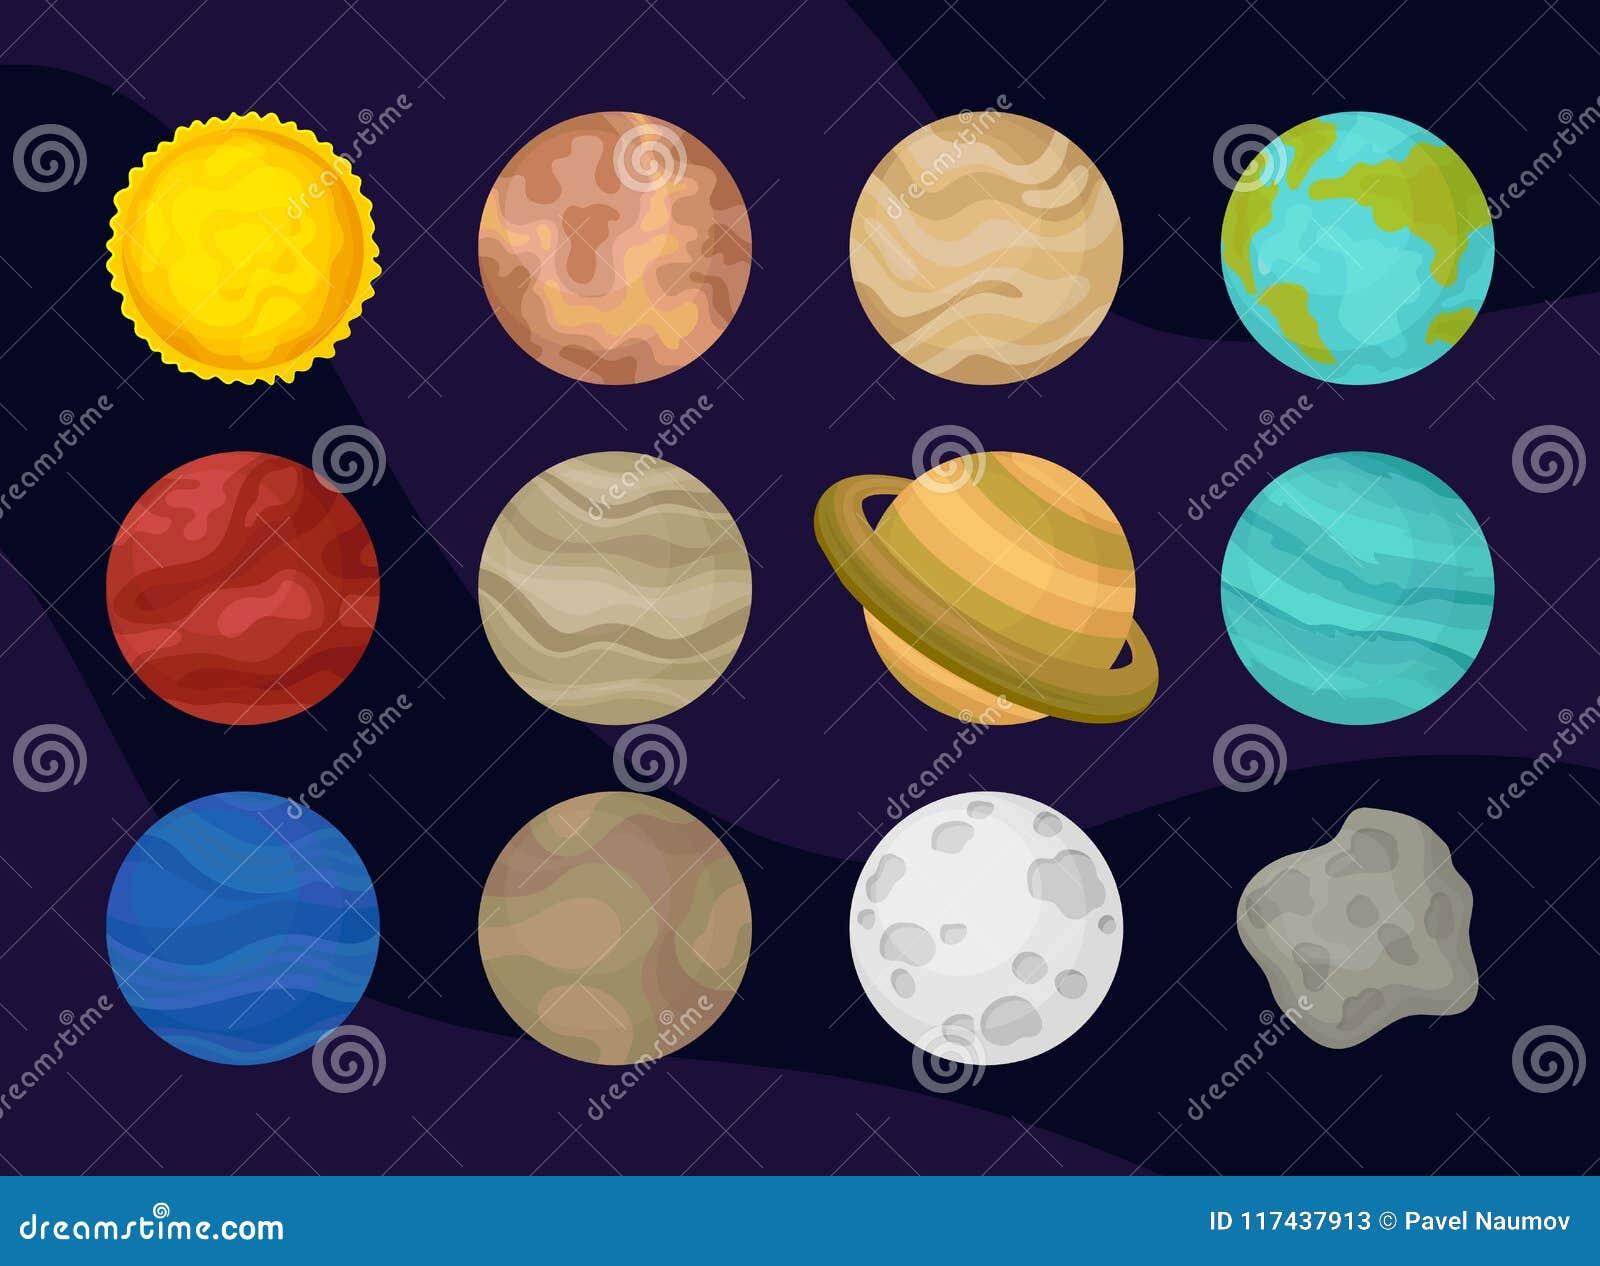 Επίπεδο διανυσματικό σύνολο πλανητών του ηλιακού συστήματος Θέμα διαστήματος ή αστρονομίας Εξερεύνηση του κόσμου Στοιχεία για την